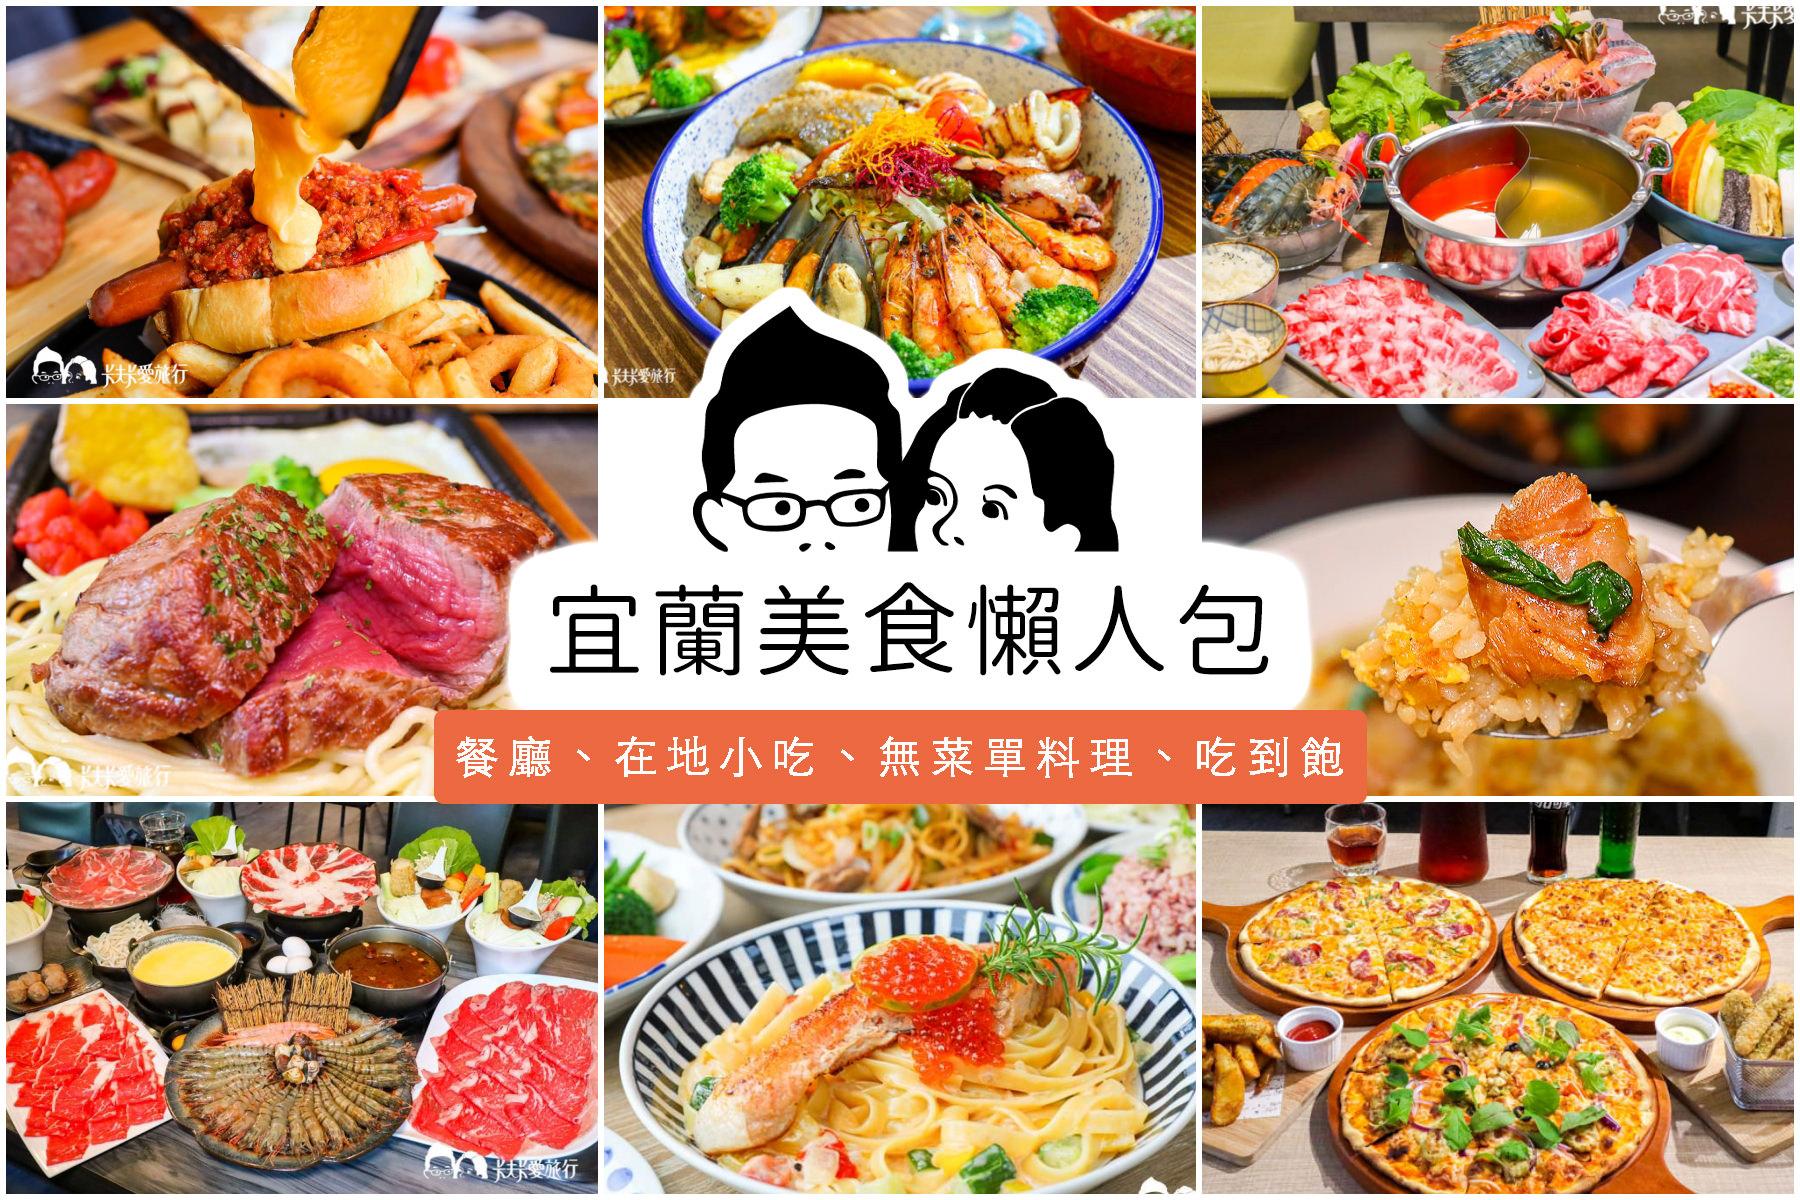 【宜蘭美食懶人包】推薦200間必吃餐廳|無菜單料理吃到飽在地小吃美食地圖攻略